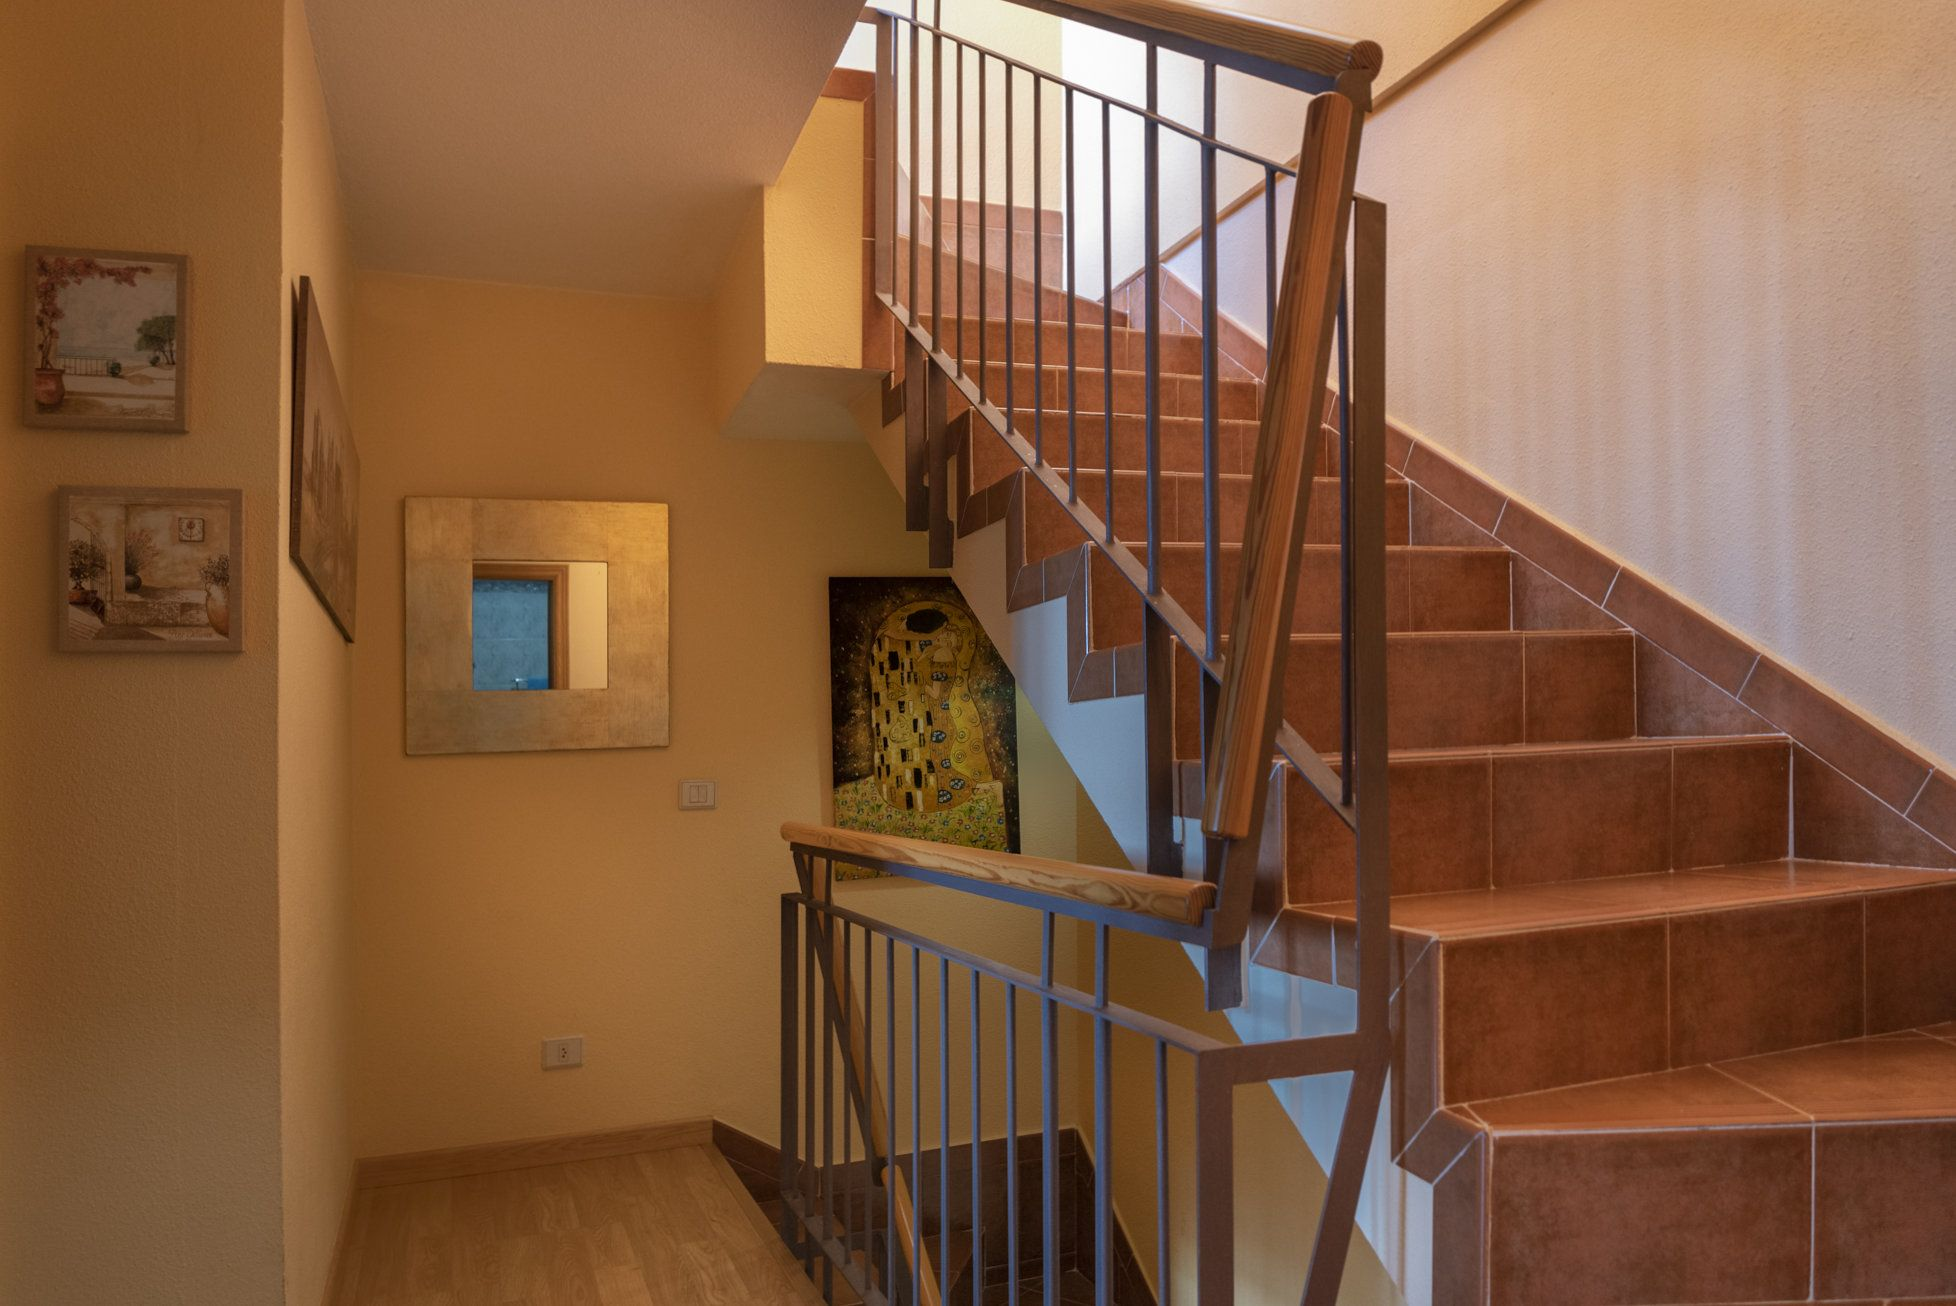 Escaleras planta 2 - Terrazas de Geneto - La Laguna